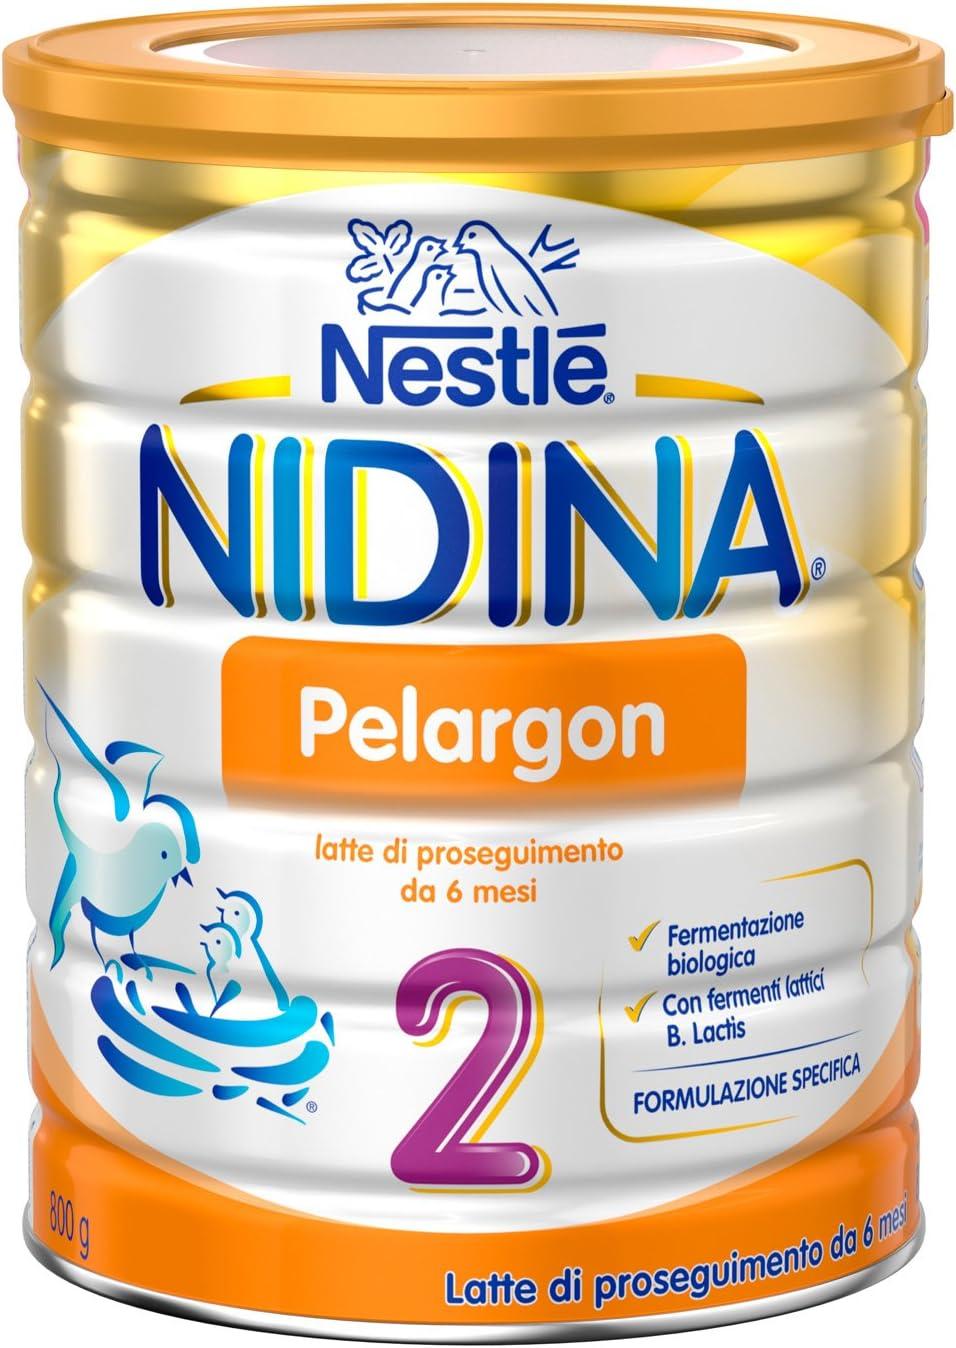 Nestlé Nidina Pelargon 2 da 6 Mesi Latte di Proseguimento in Polvere...